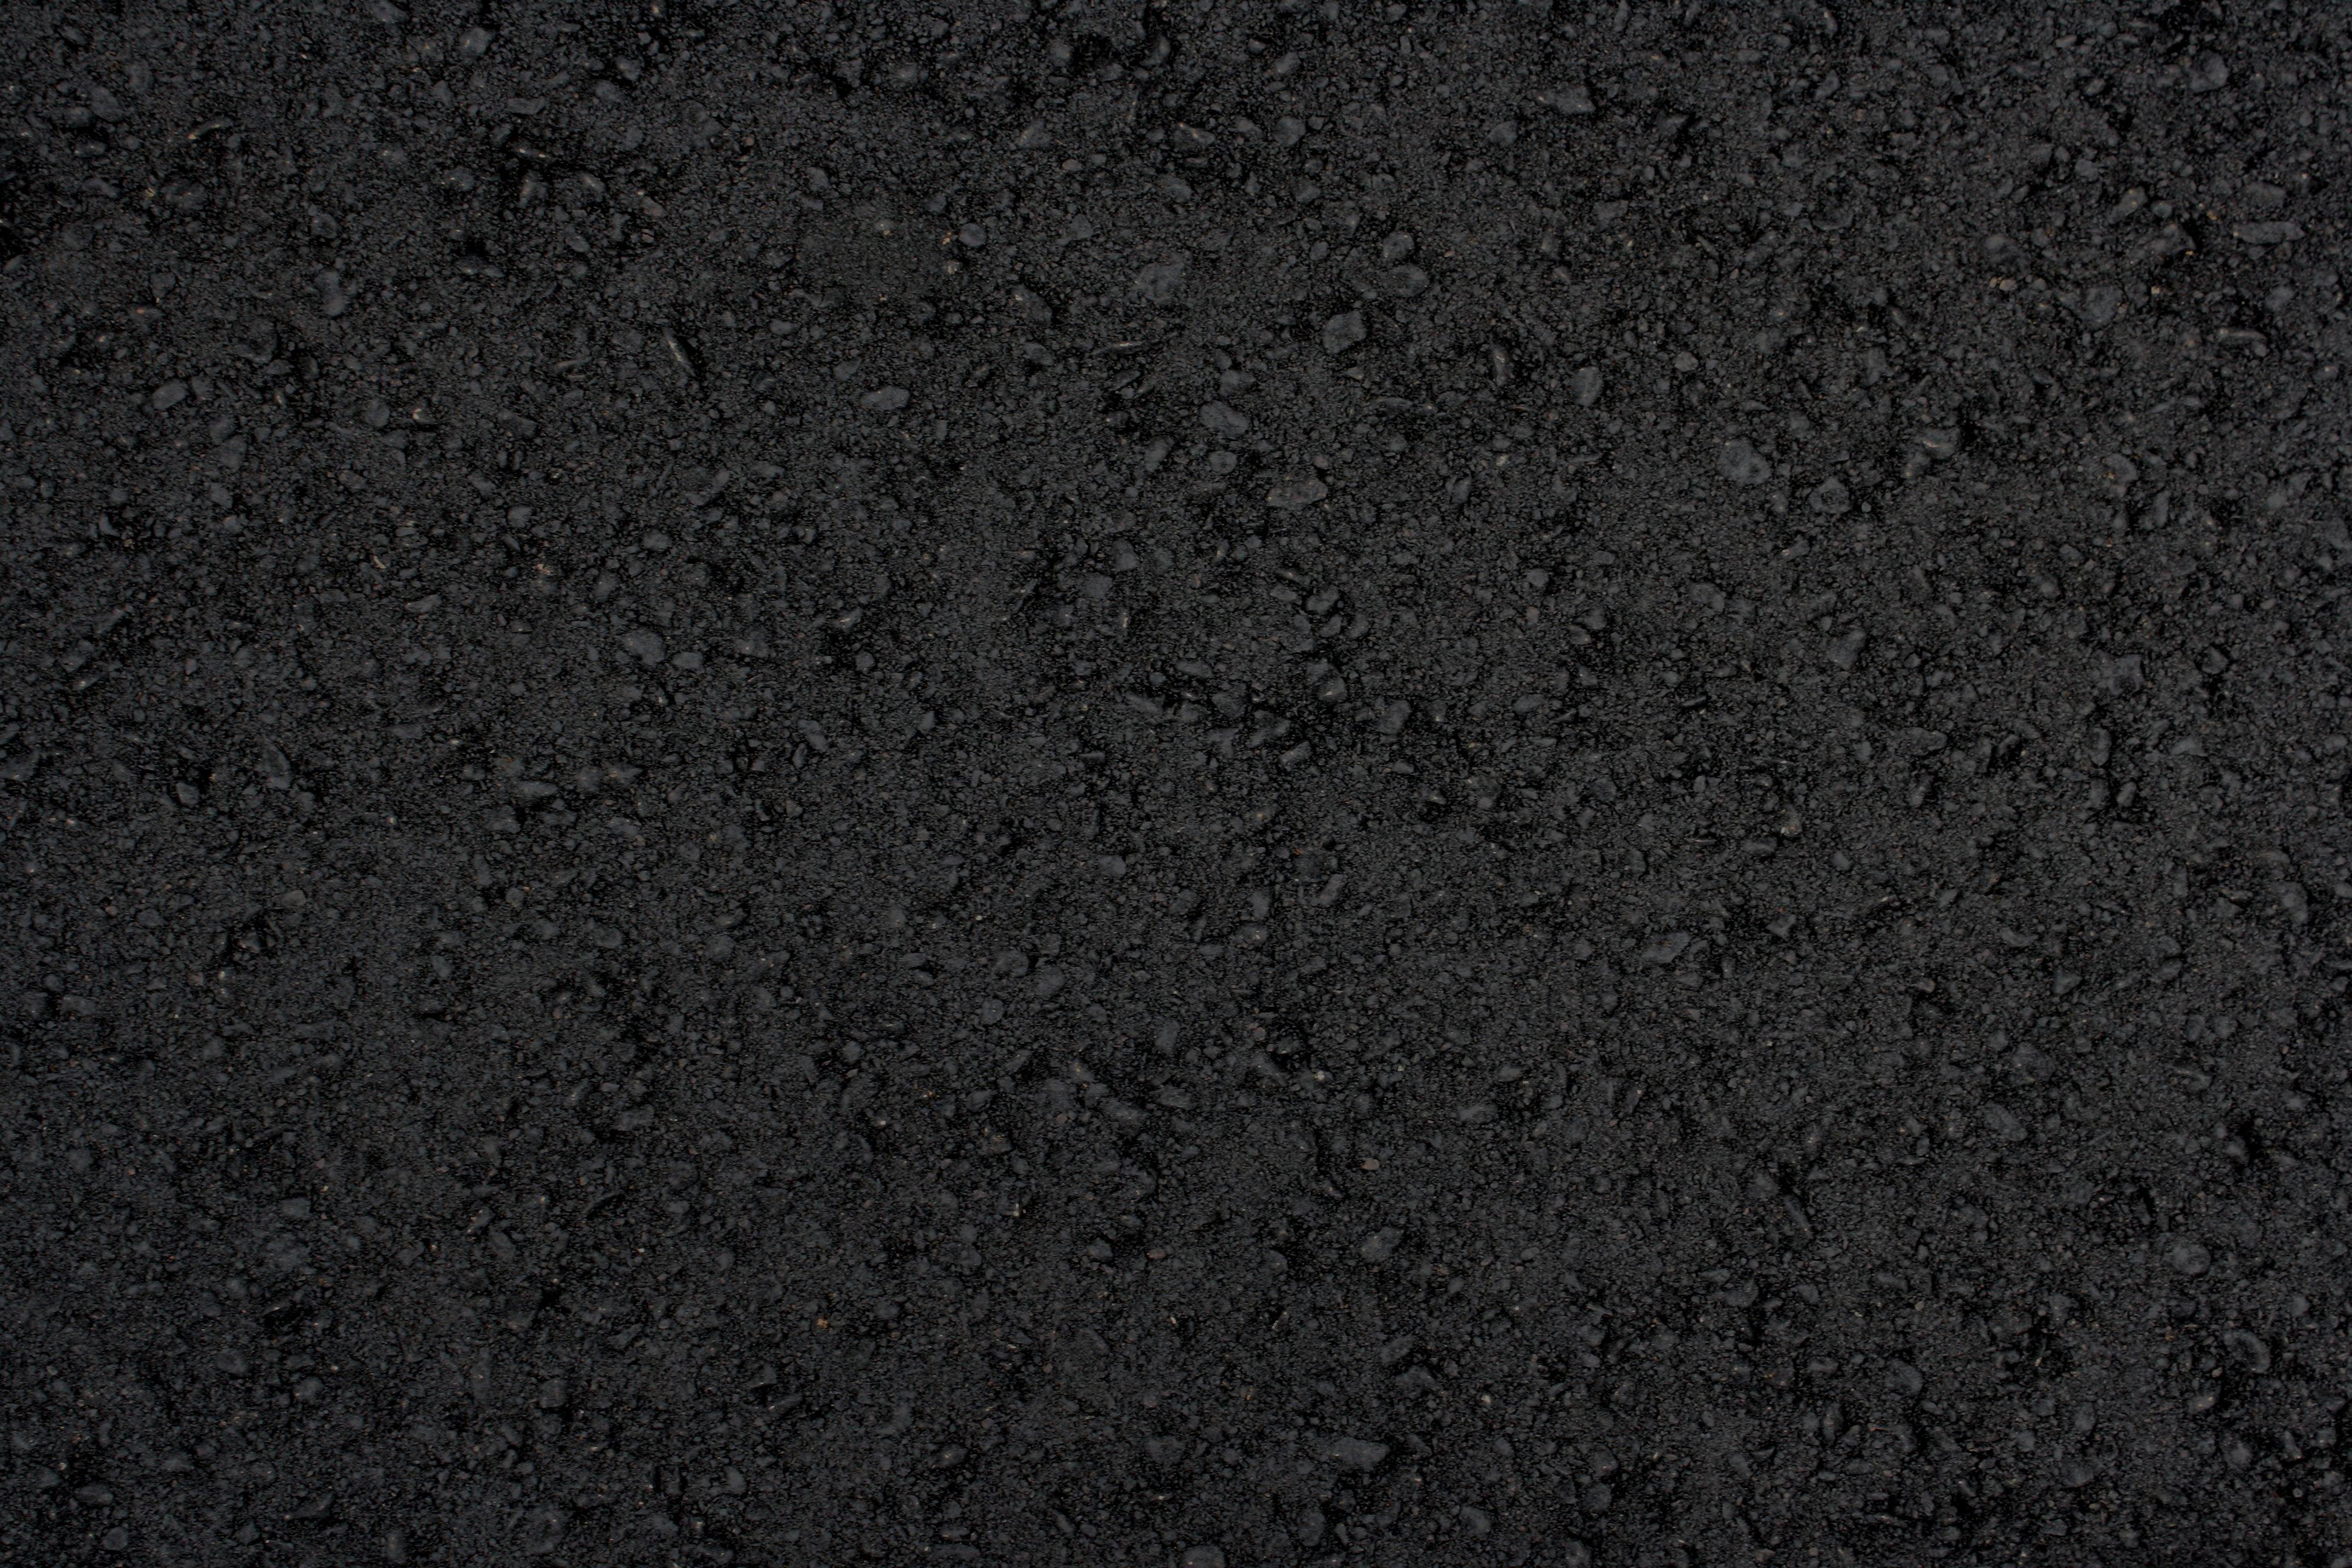 Fresh Black Asphalt Texture Picture Free Photograph